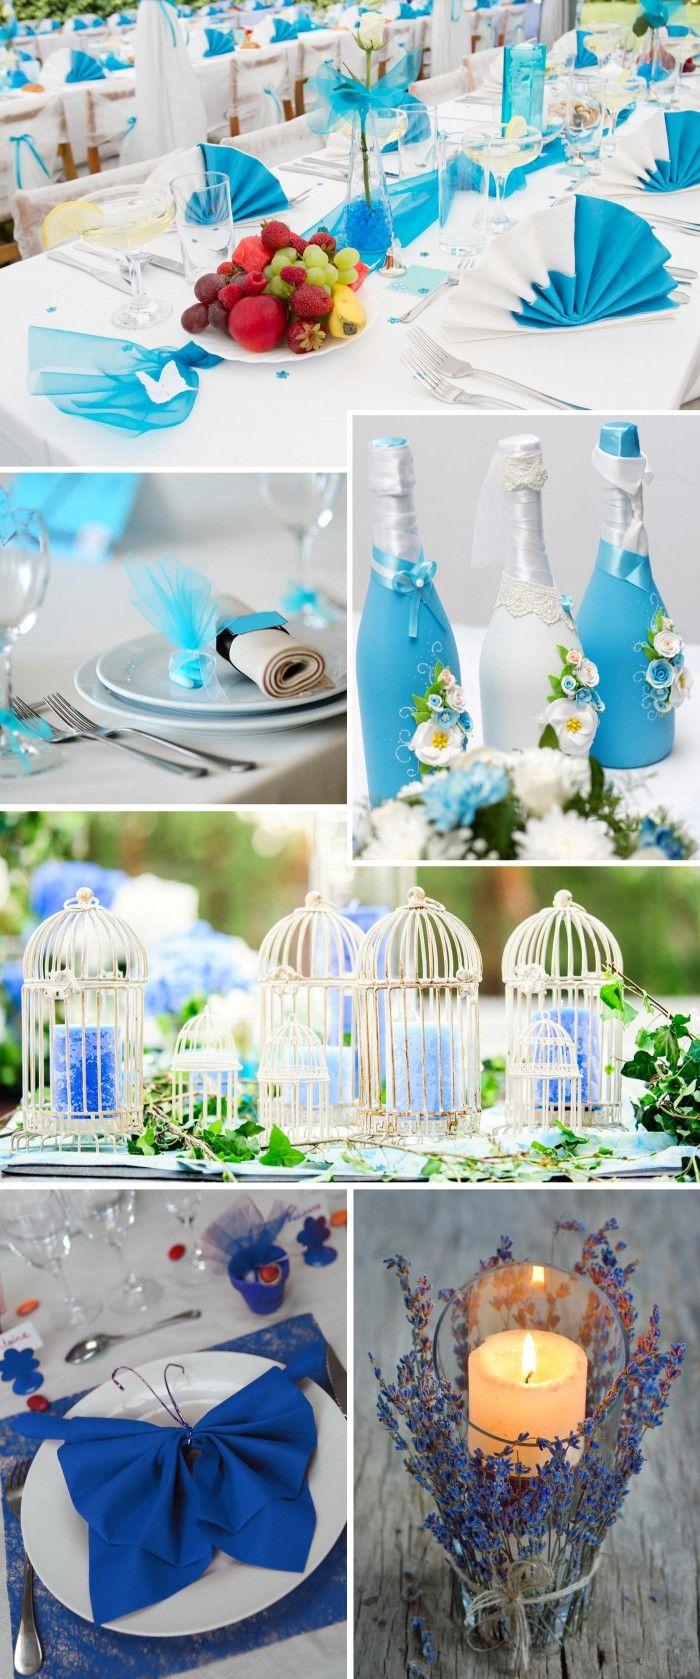 tischdeko in t rkis blau hochzeit pinterest t rkis tischdeko hochzeit und tischdeko. Black Bedroom Furniture Sets. Home Design Ideas